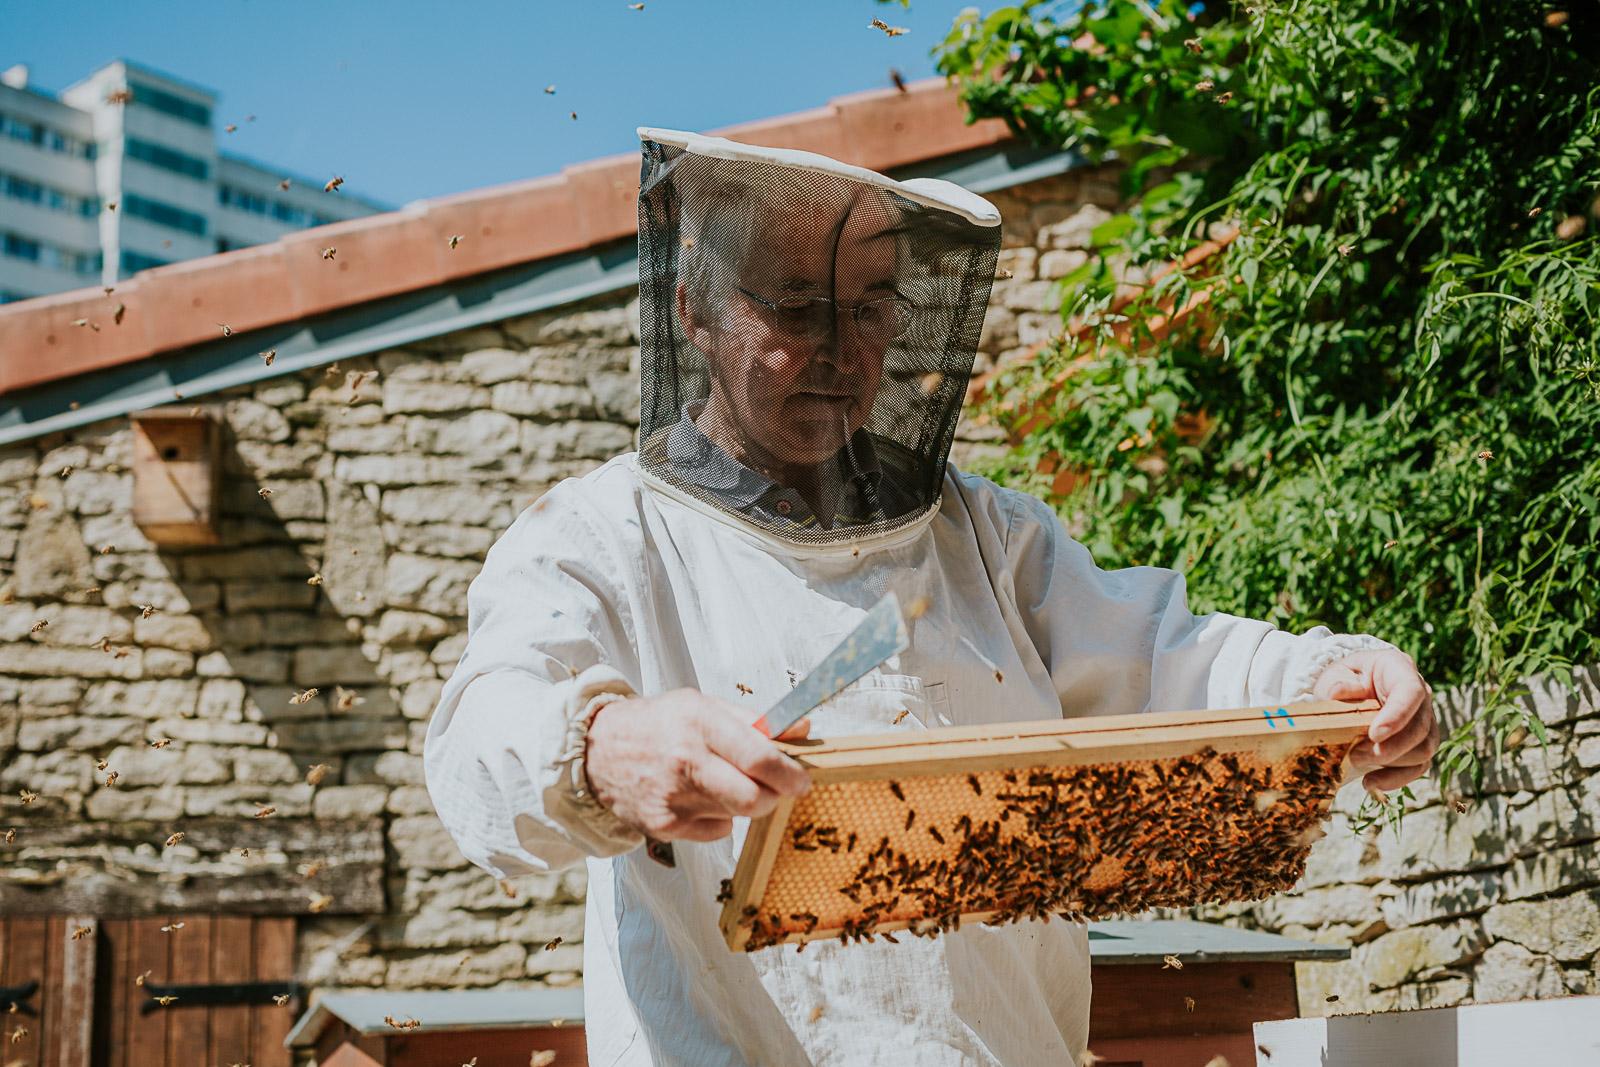 bd-bees-60